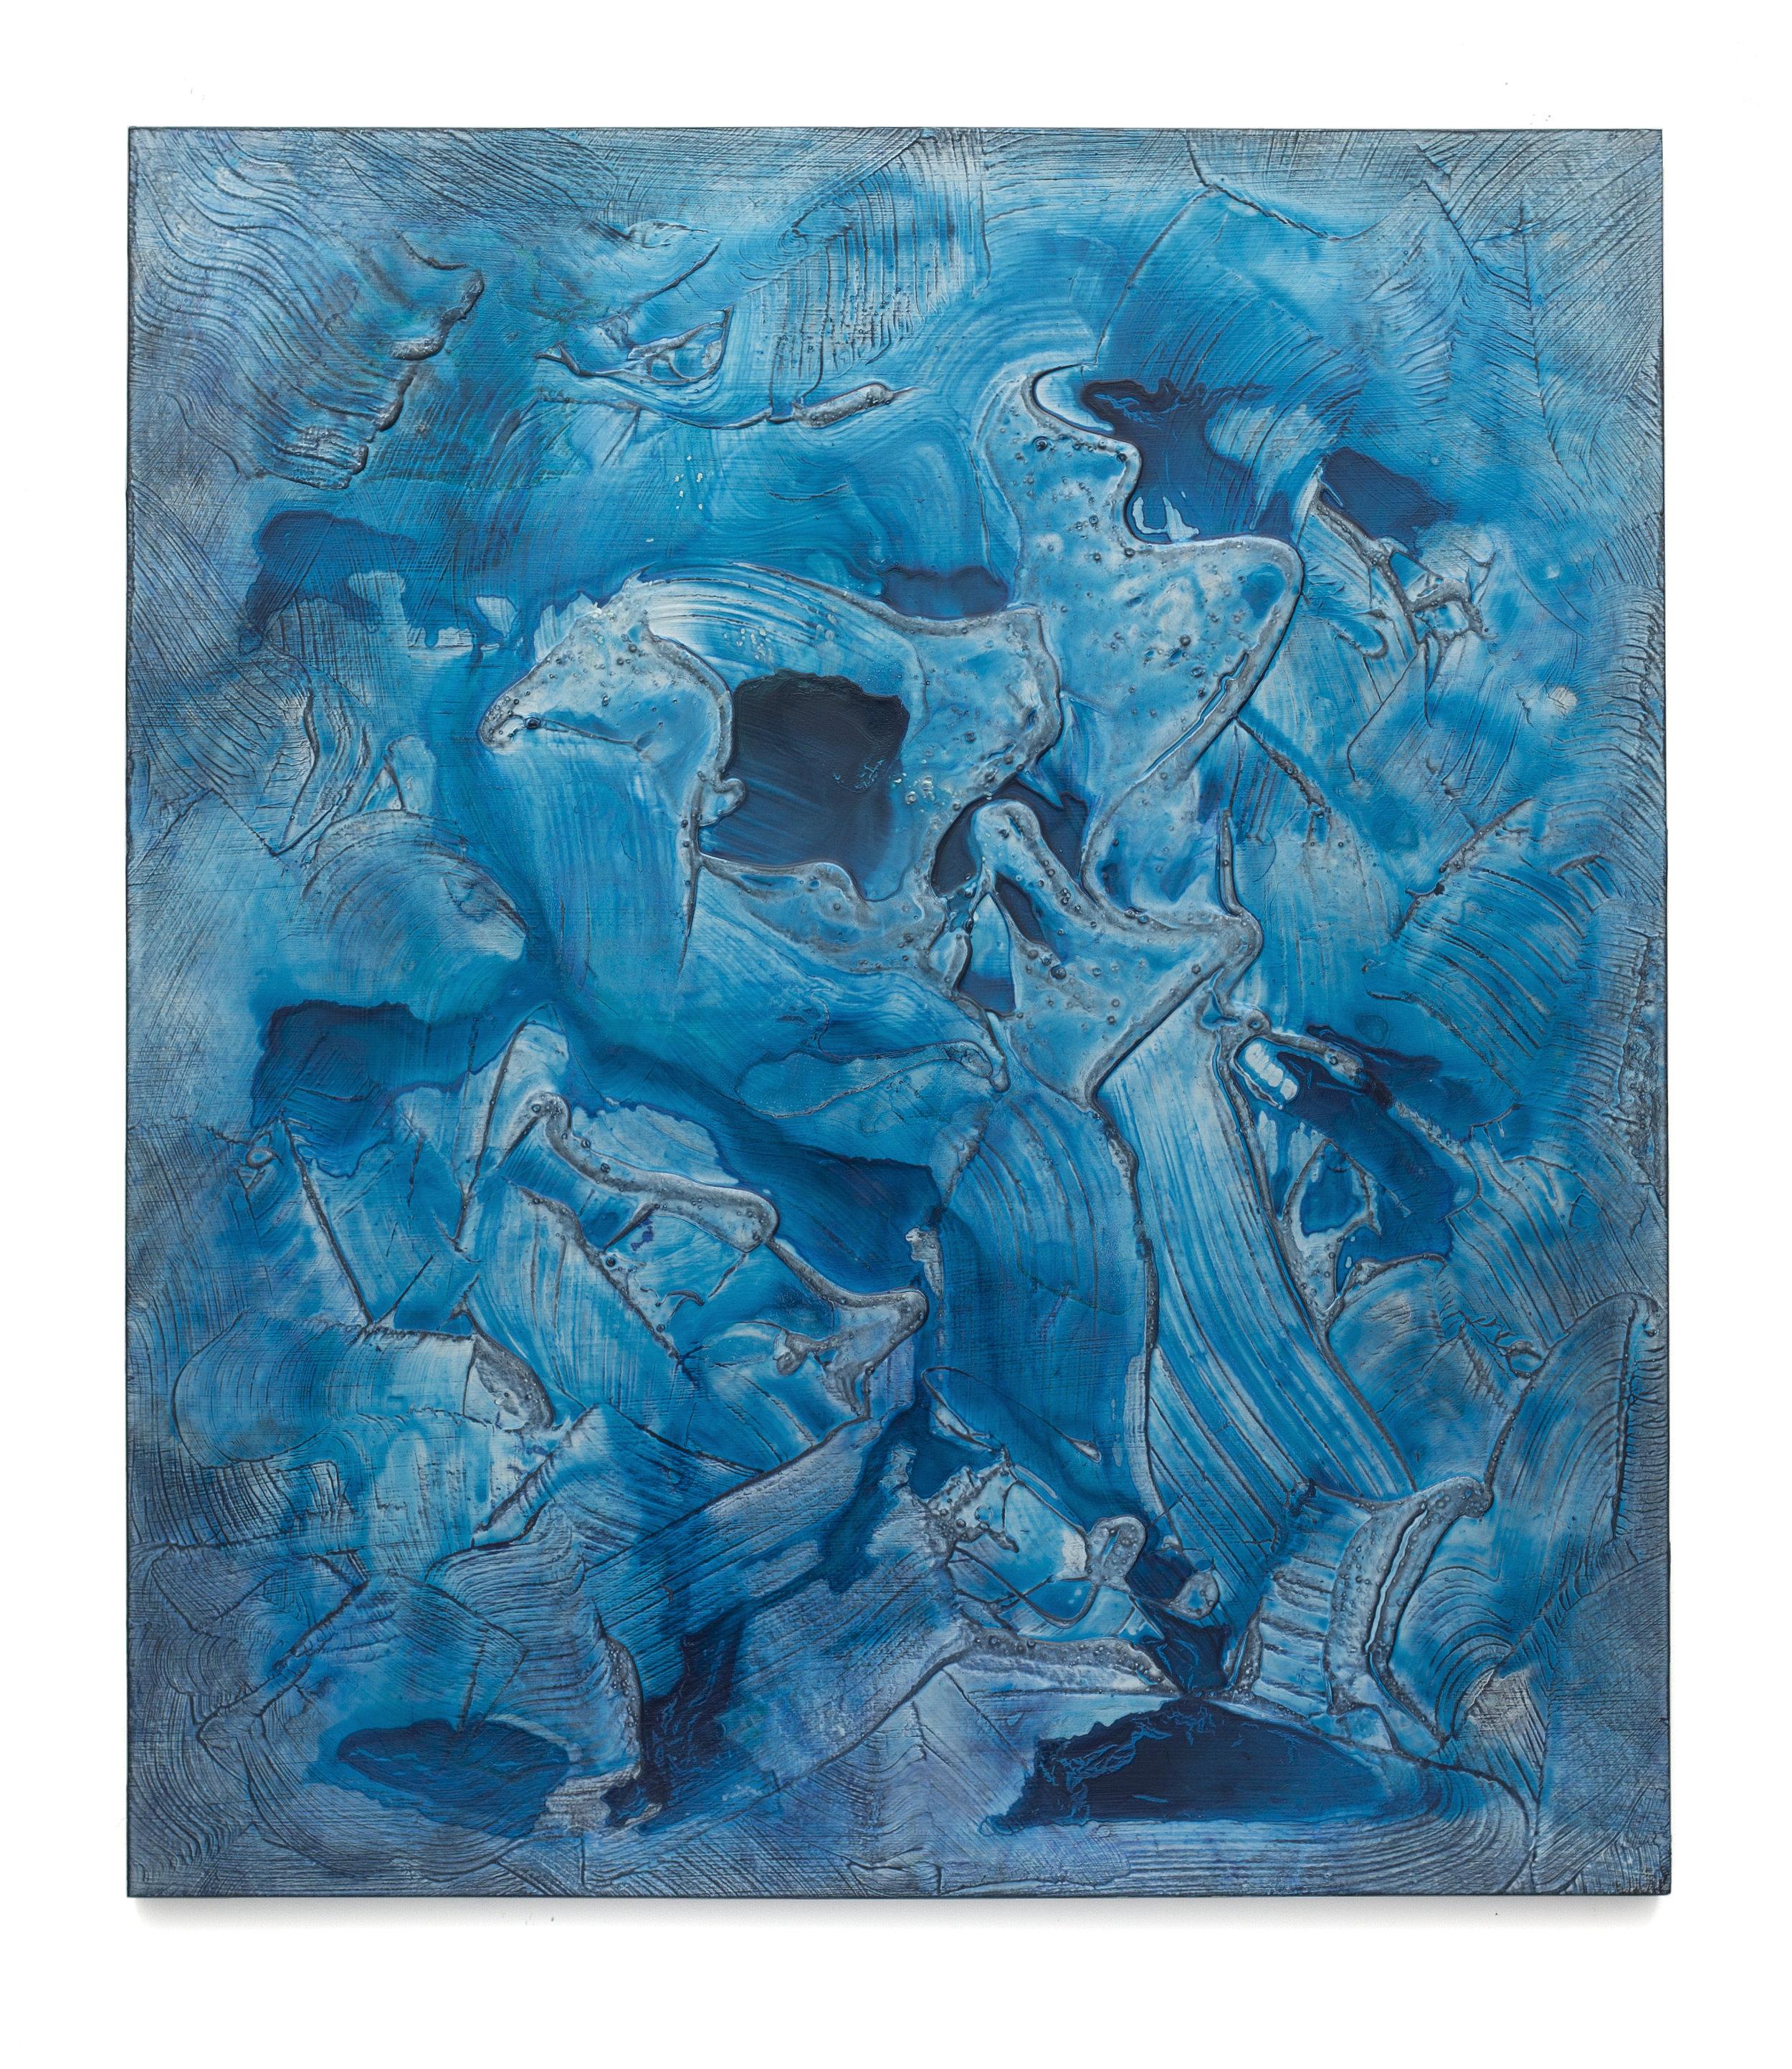 """Untitled (Can't Swim 17), 2018, Acrylic on archival foam board, 46 1/8"""" x 40 1/8"""""""